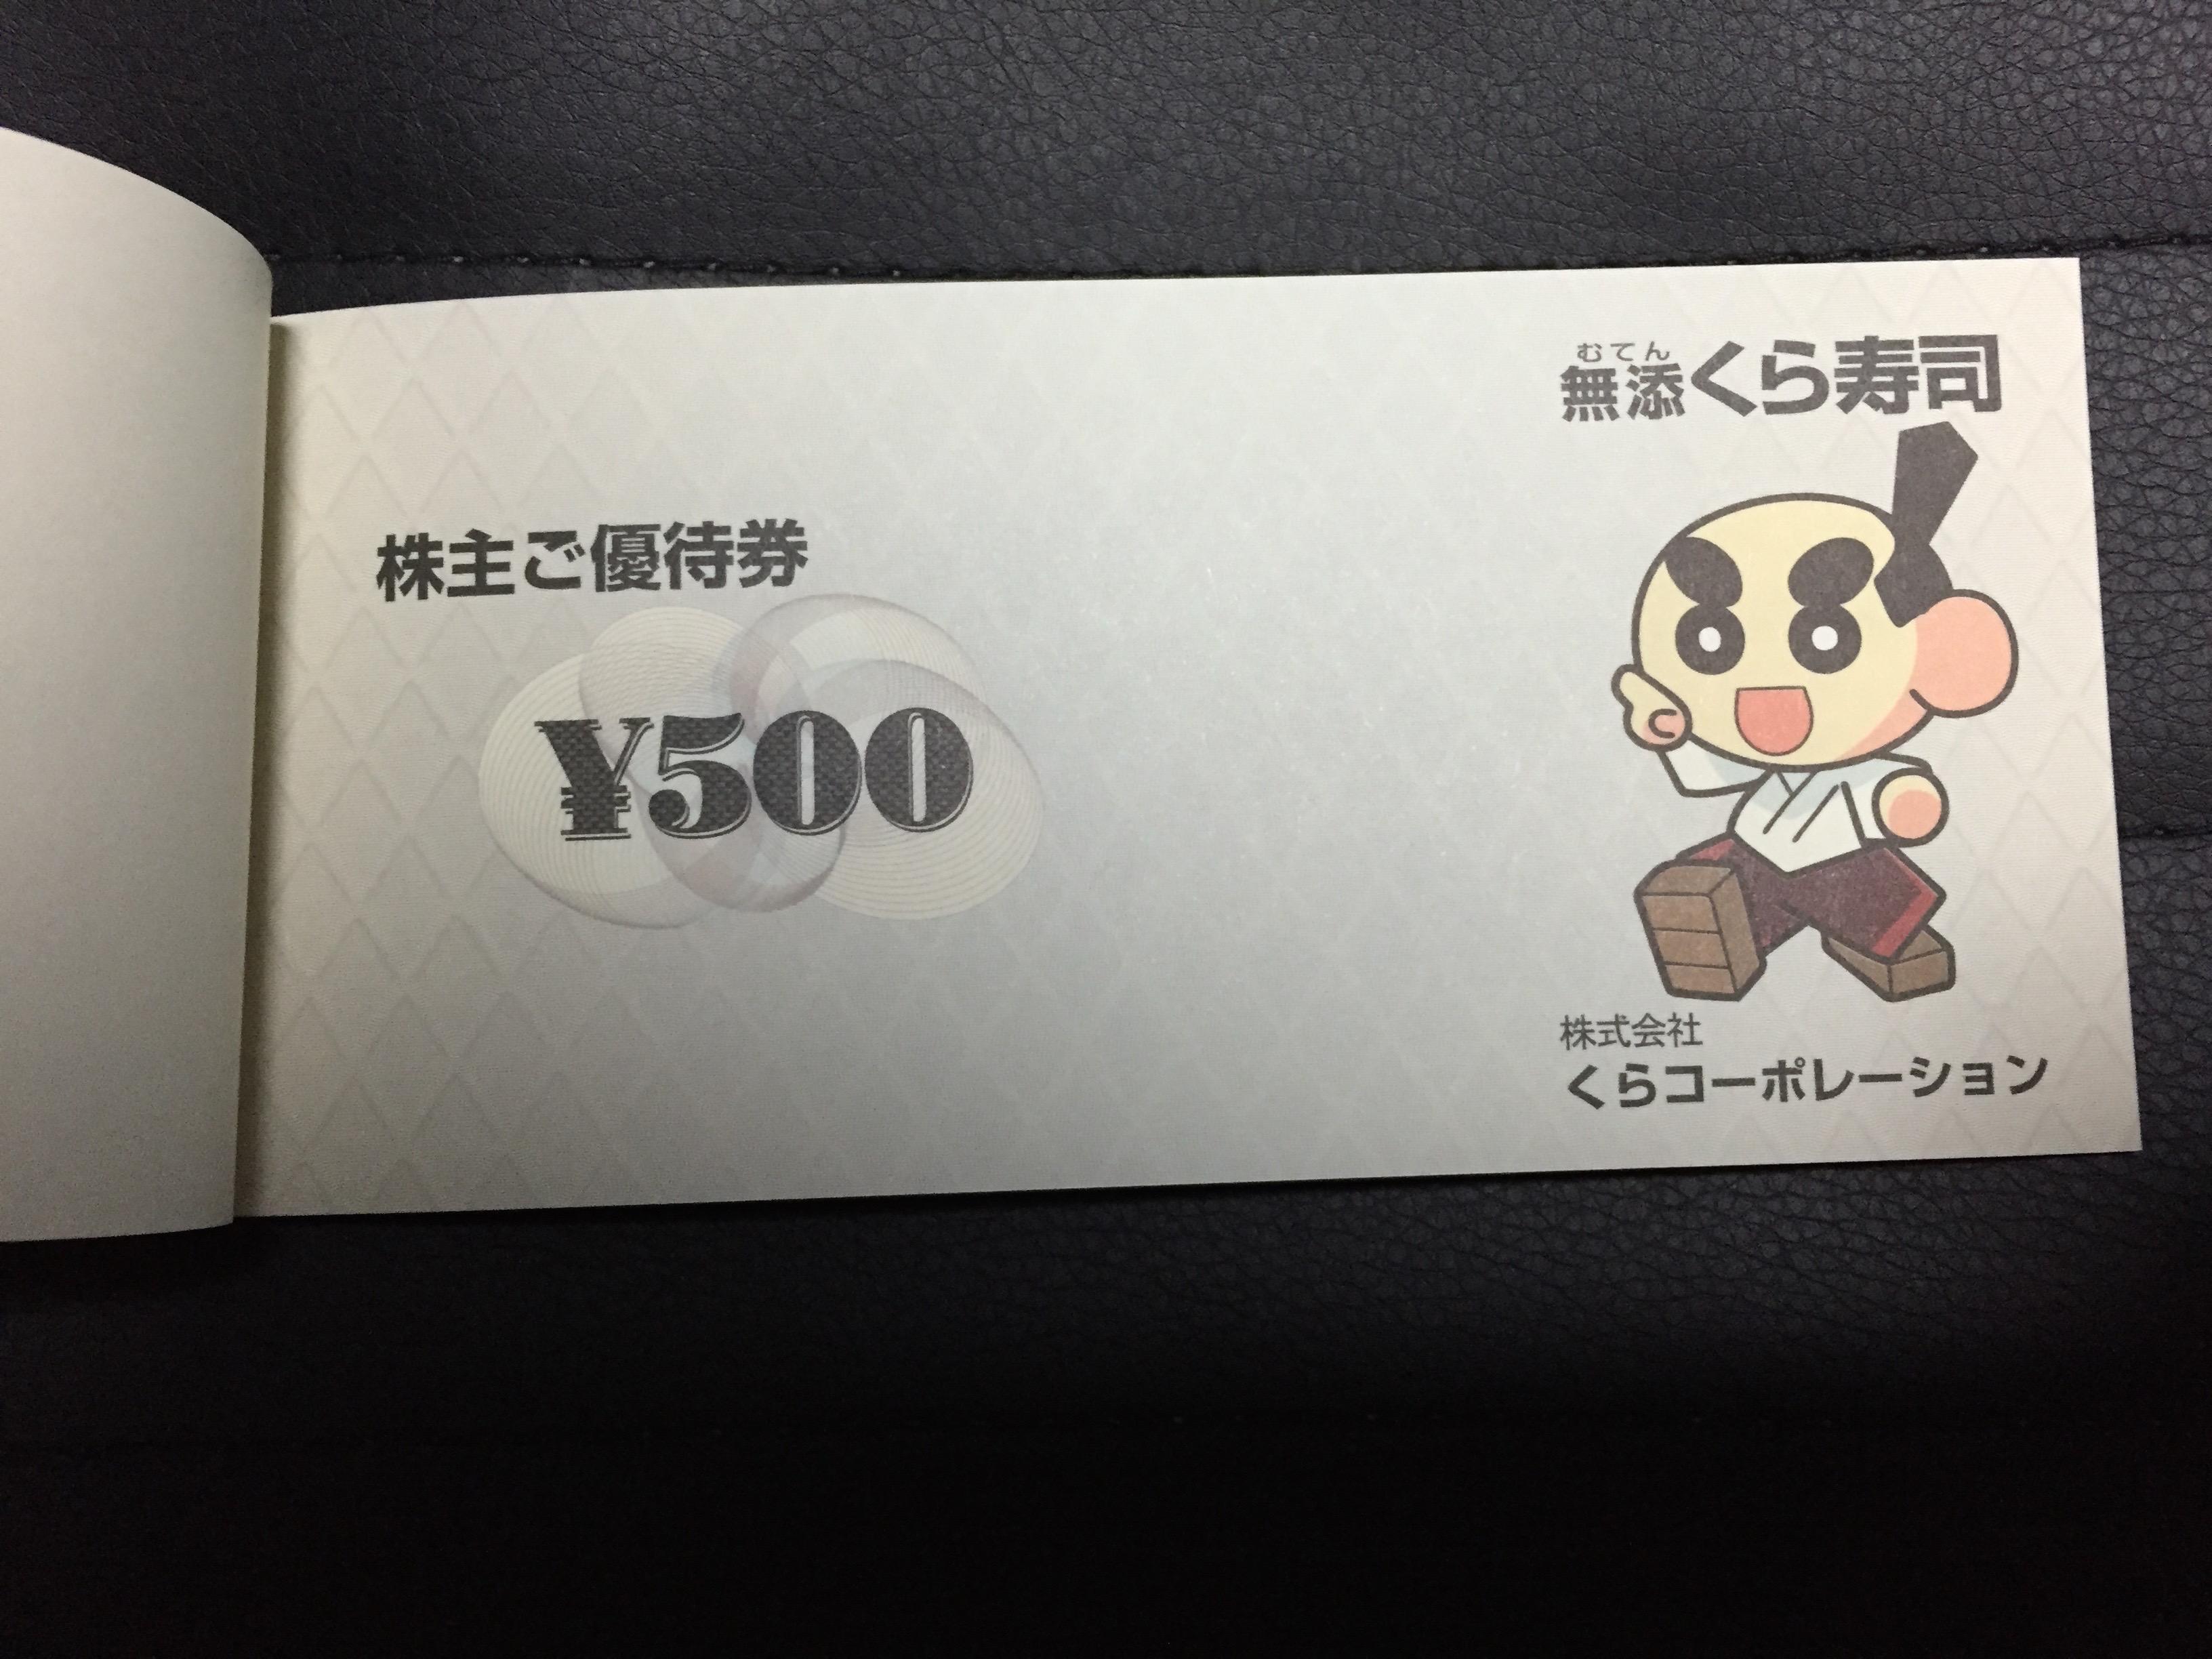 くらコーポレーション(2695)の株主優待を徹底解説!! 10,000円分を握りしめ